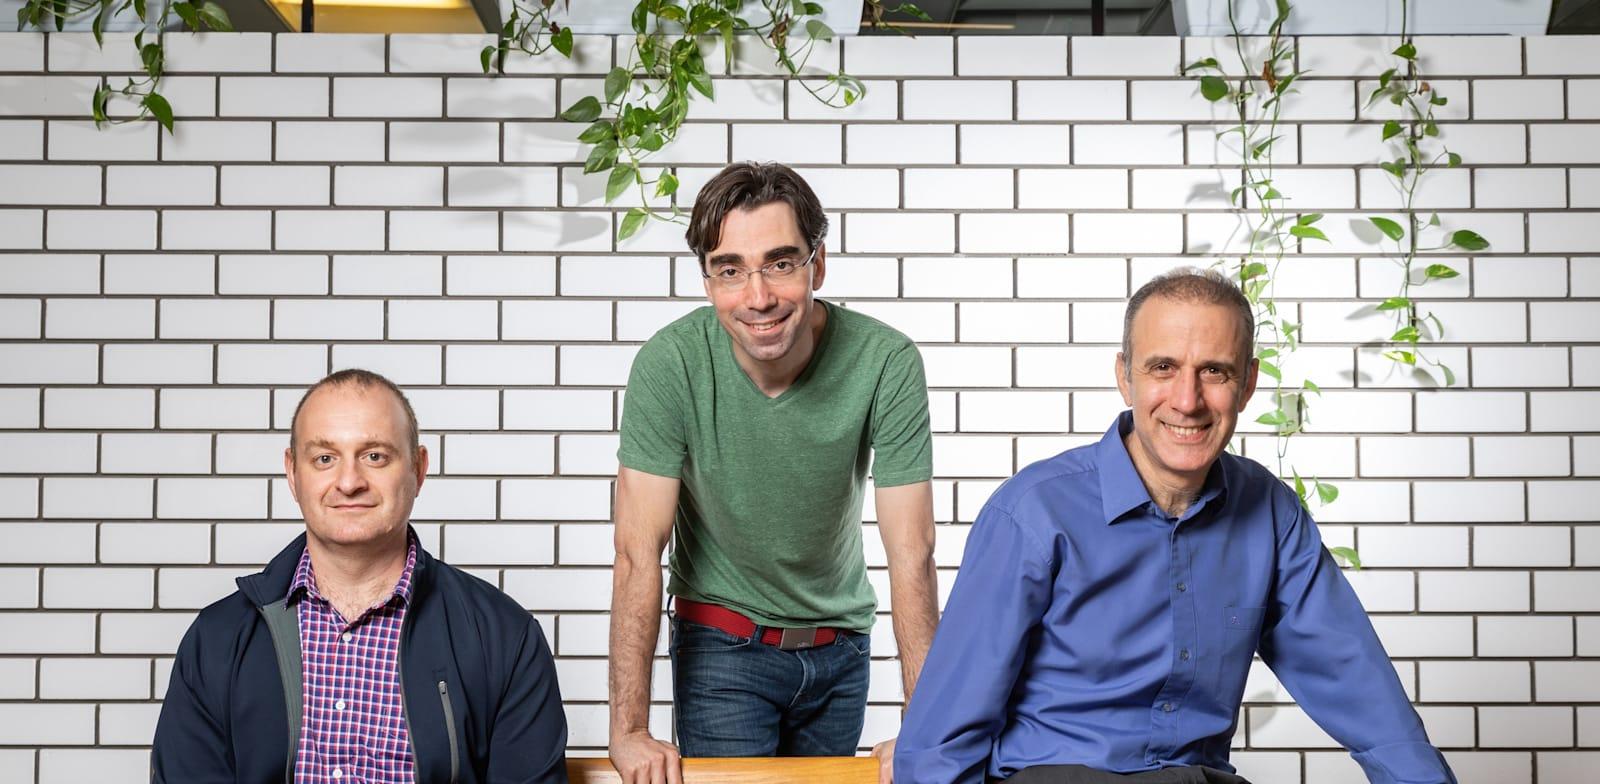 Guardicore founders Photo: PR